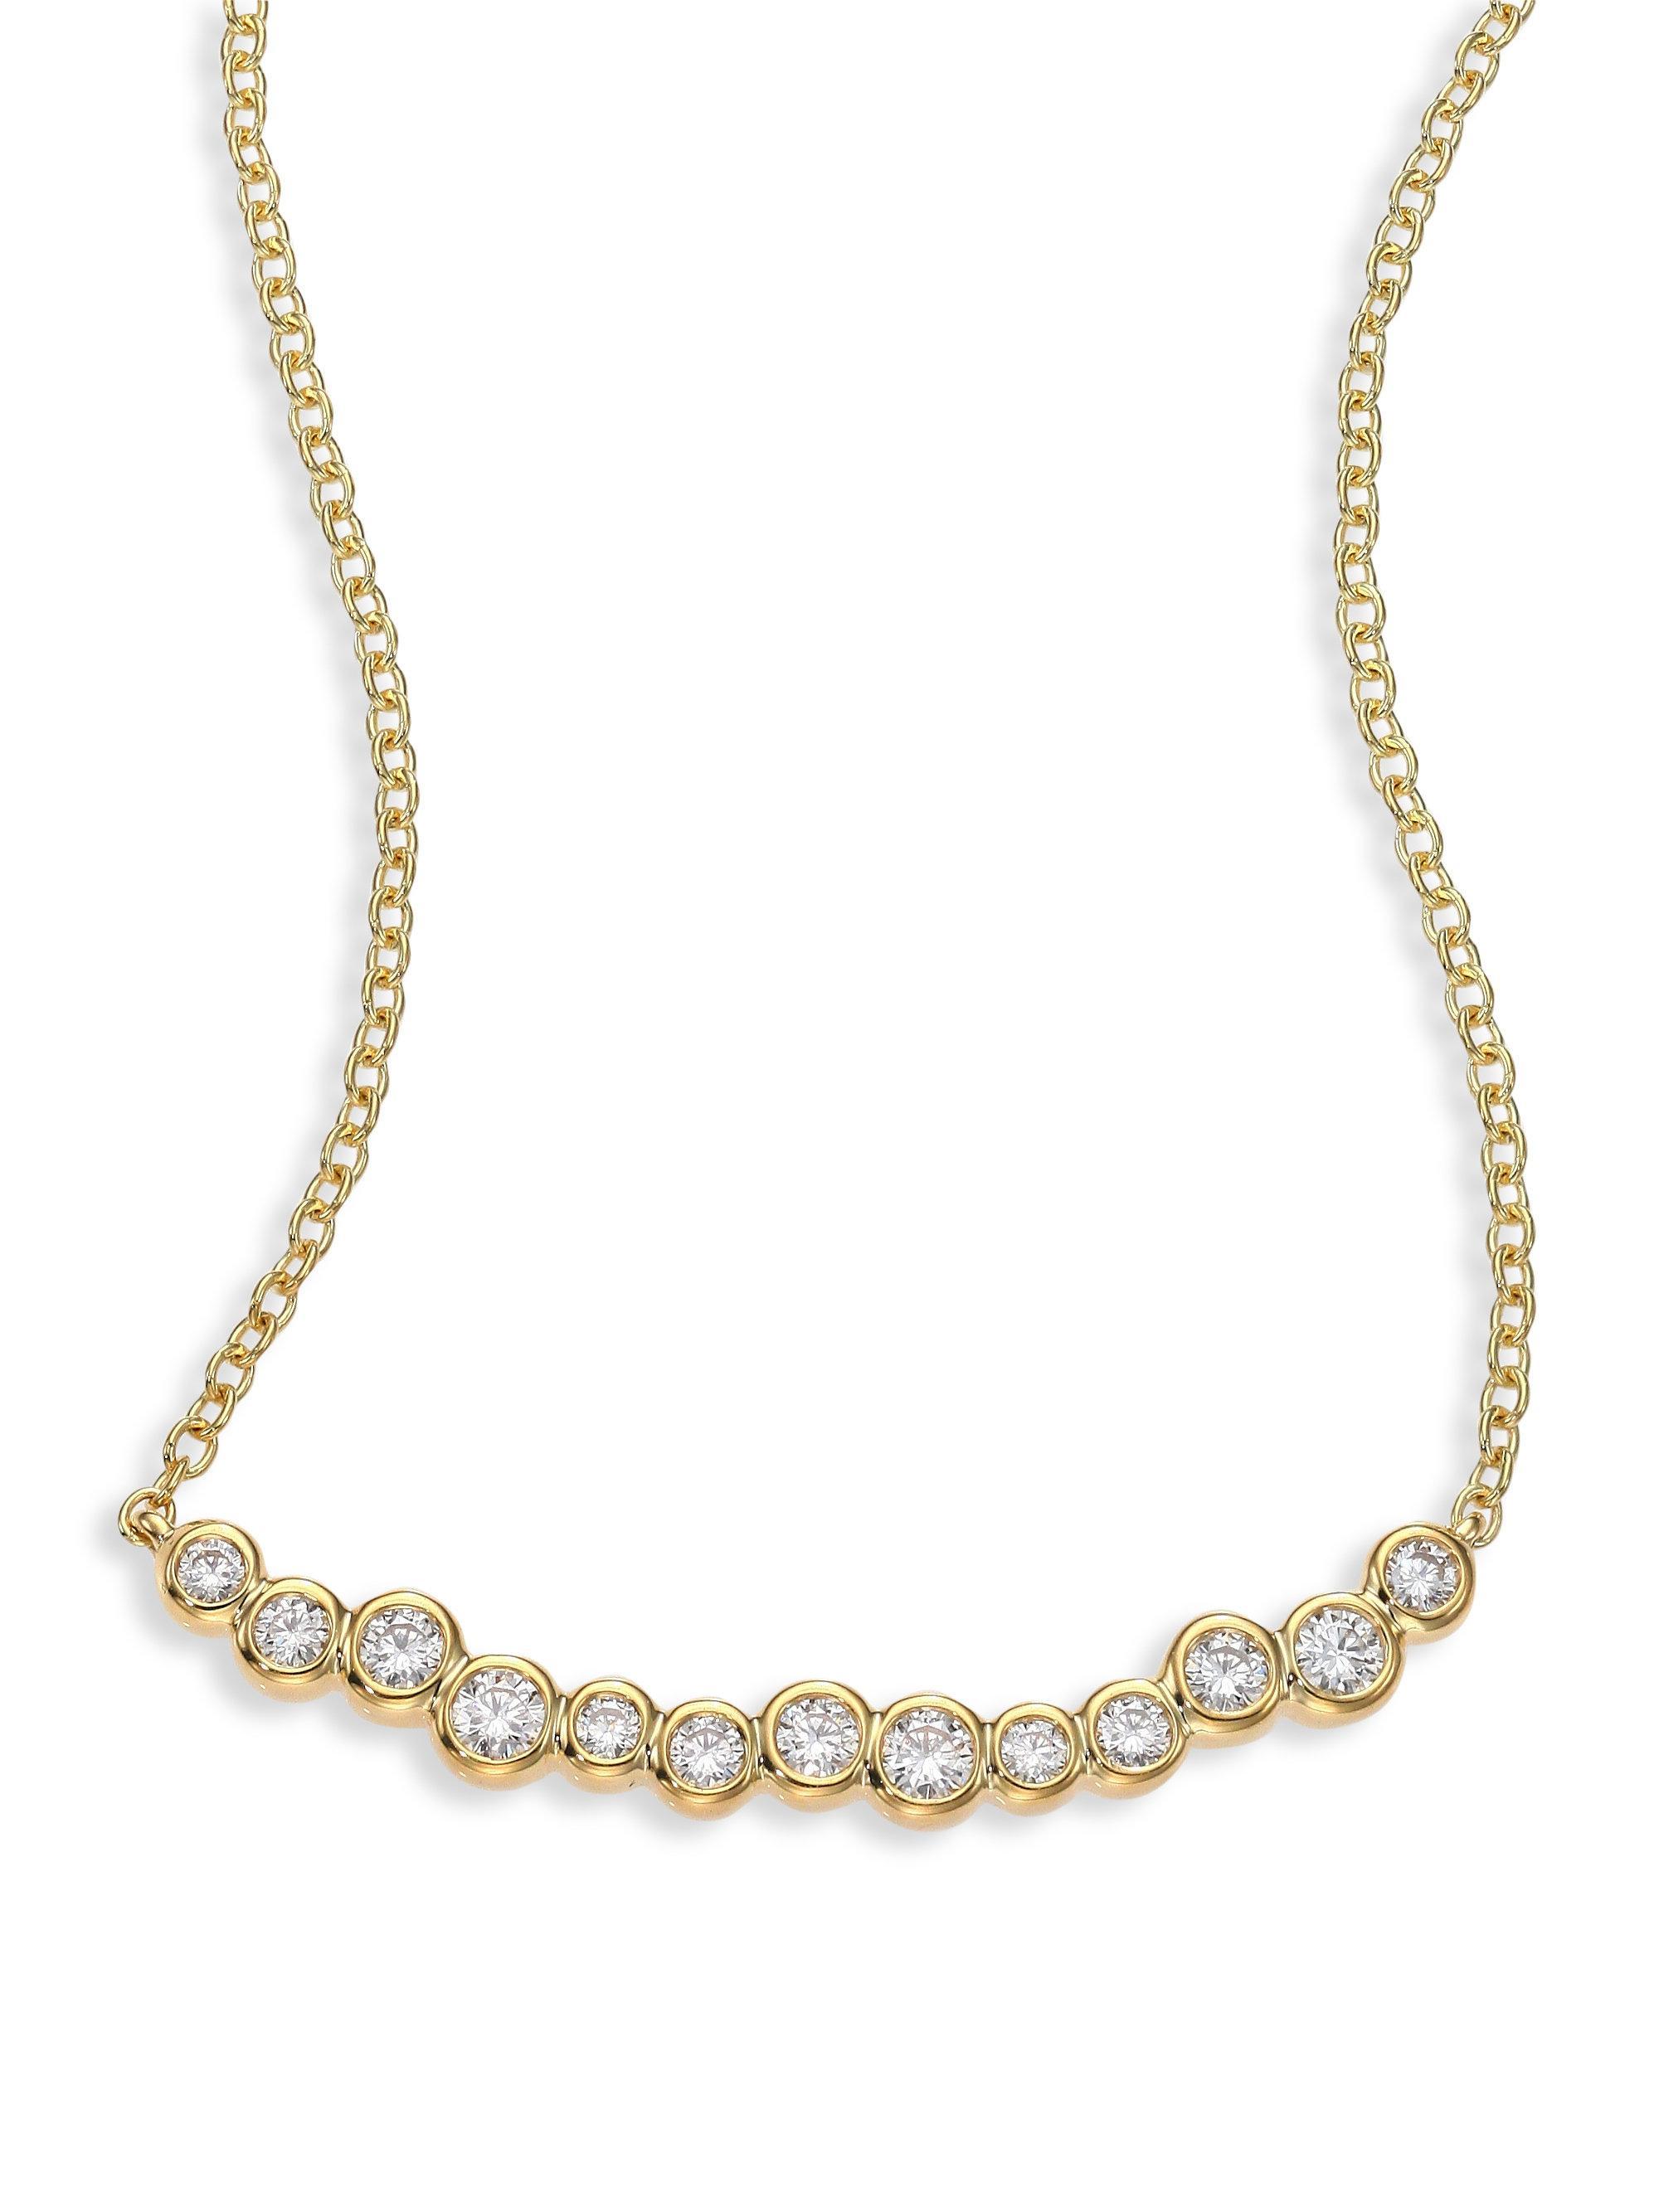 Ippolita 18k Glamazon Stardust Smile Bar Necklace with Diamonds my5EIuGoXg